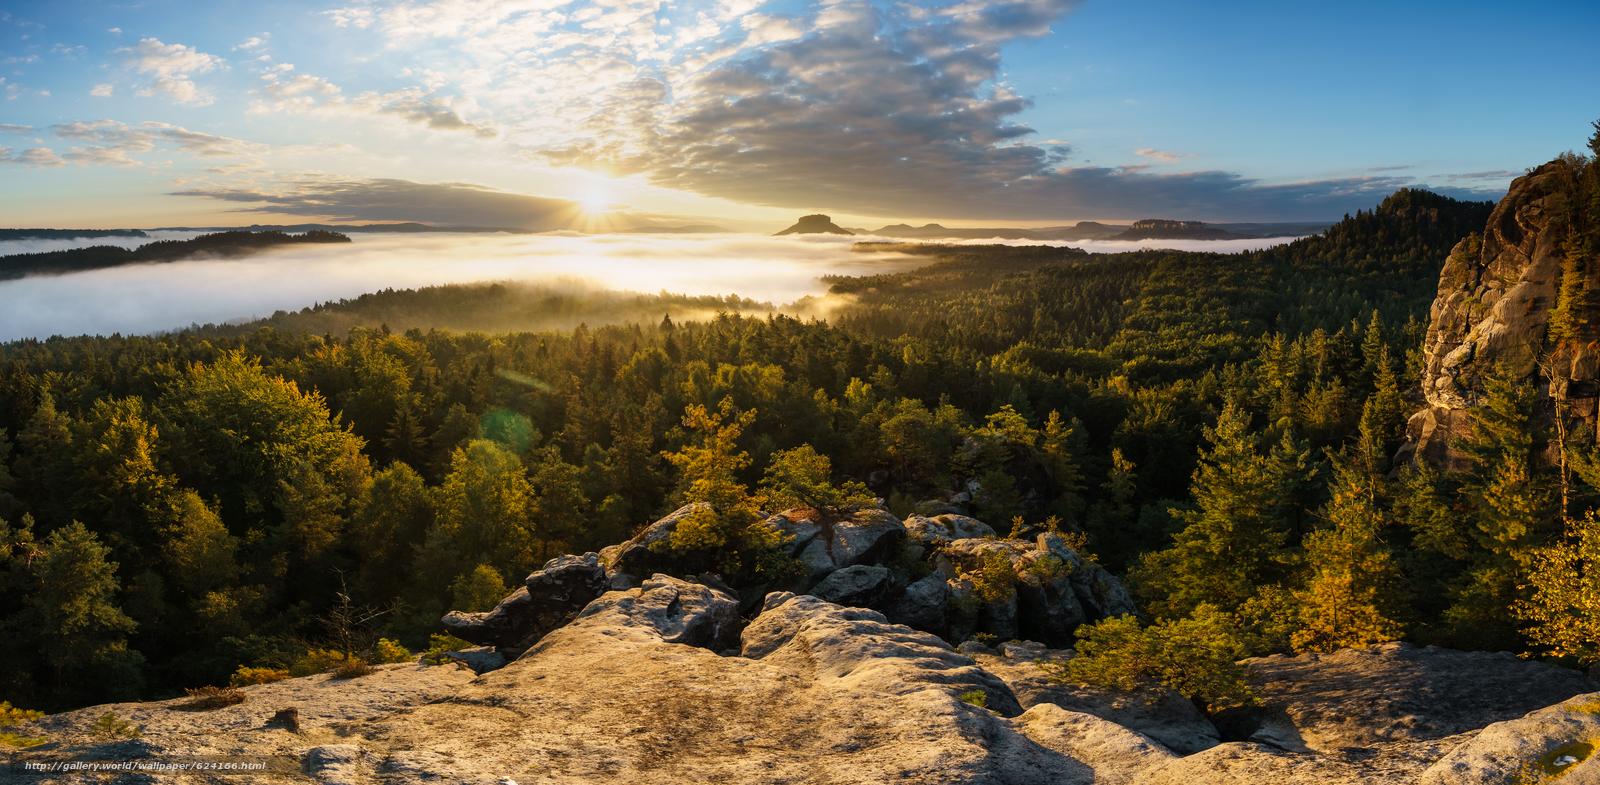 Скачать обои Elbe Sandstone Mountains,  Saxon Switzerland,  Saxony,  Germany бесплатно для рабочего стола в разрешении 6114x3000 — картинка №624166